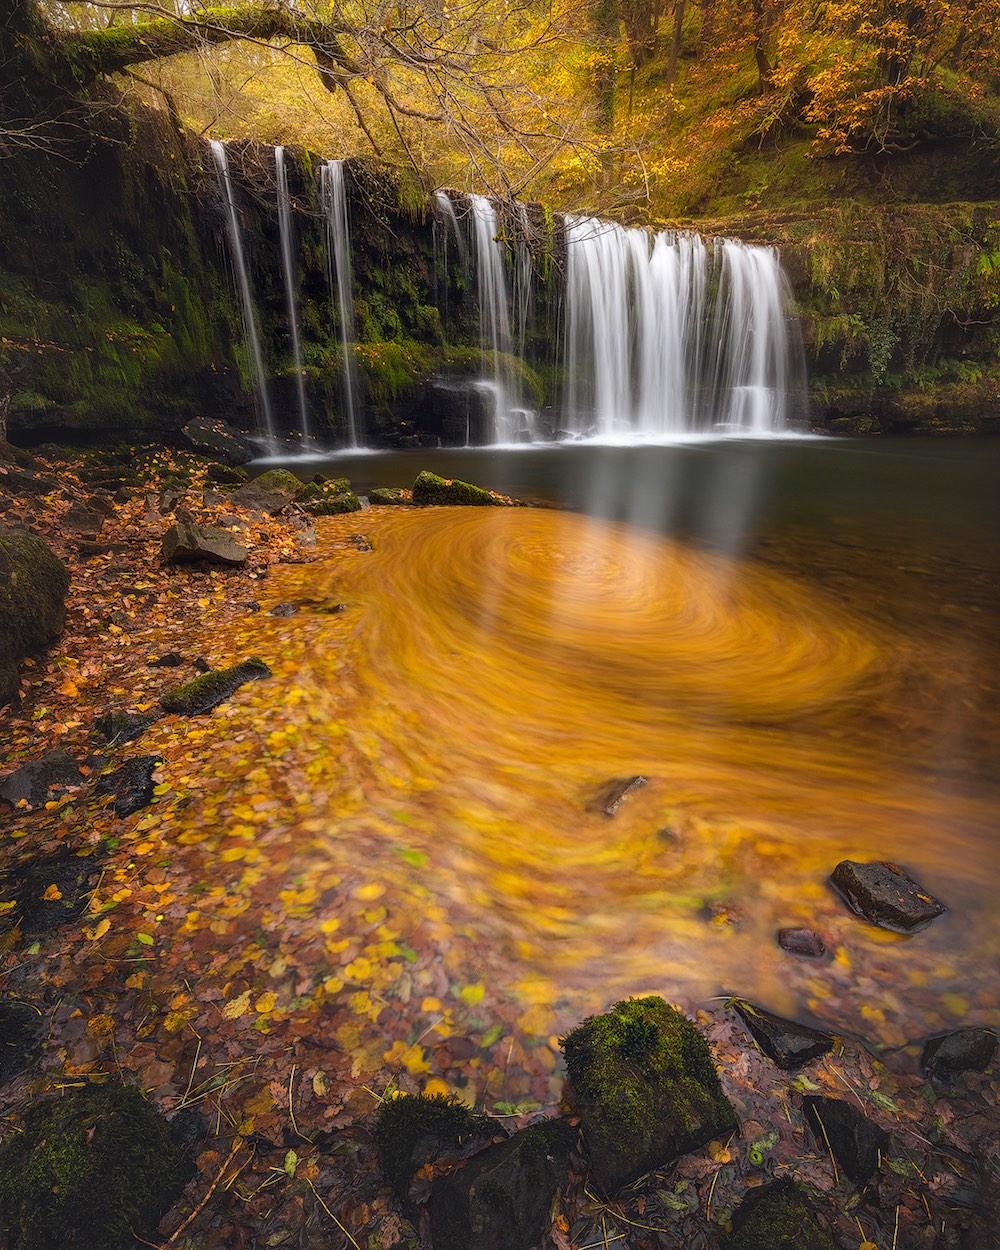 Sgwd Ddwli Uchaf, Waterfall Country